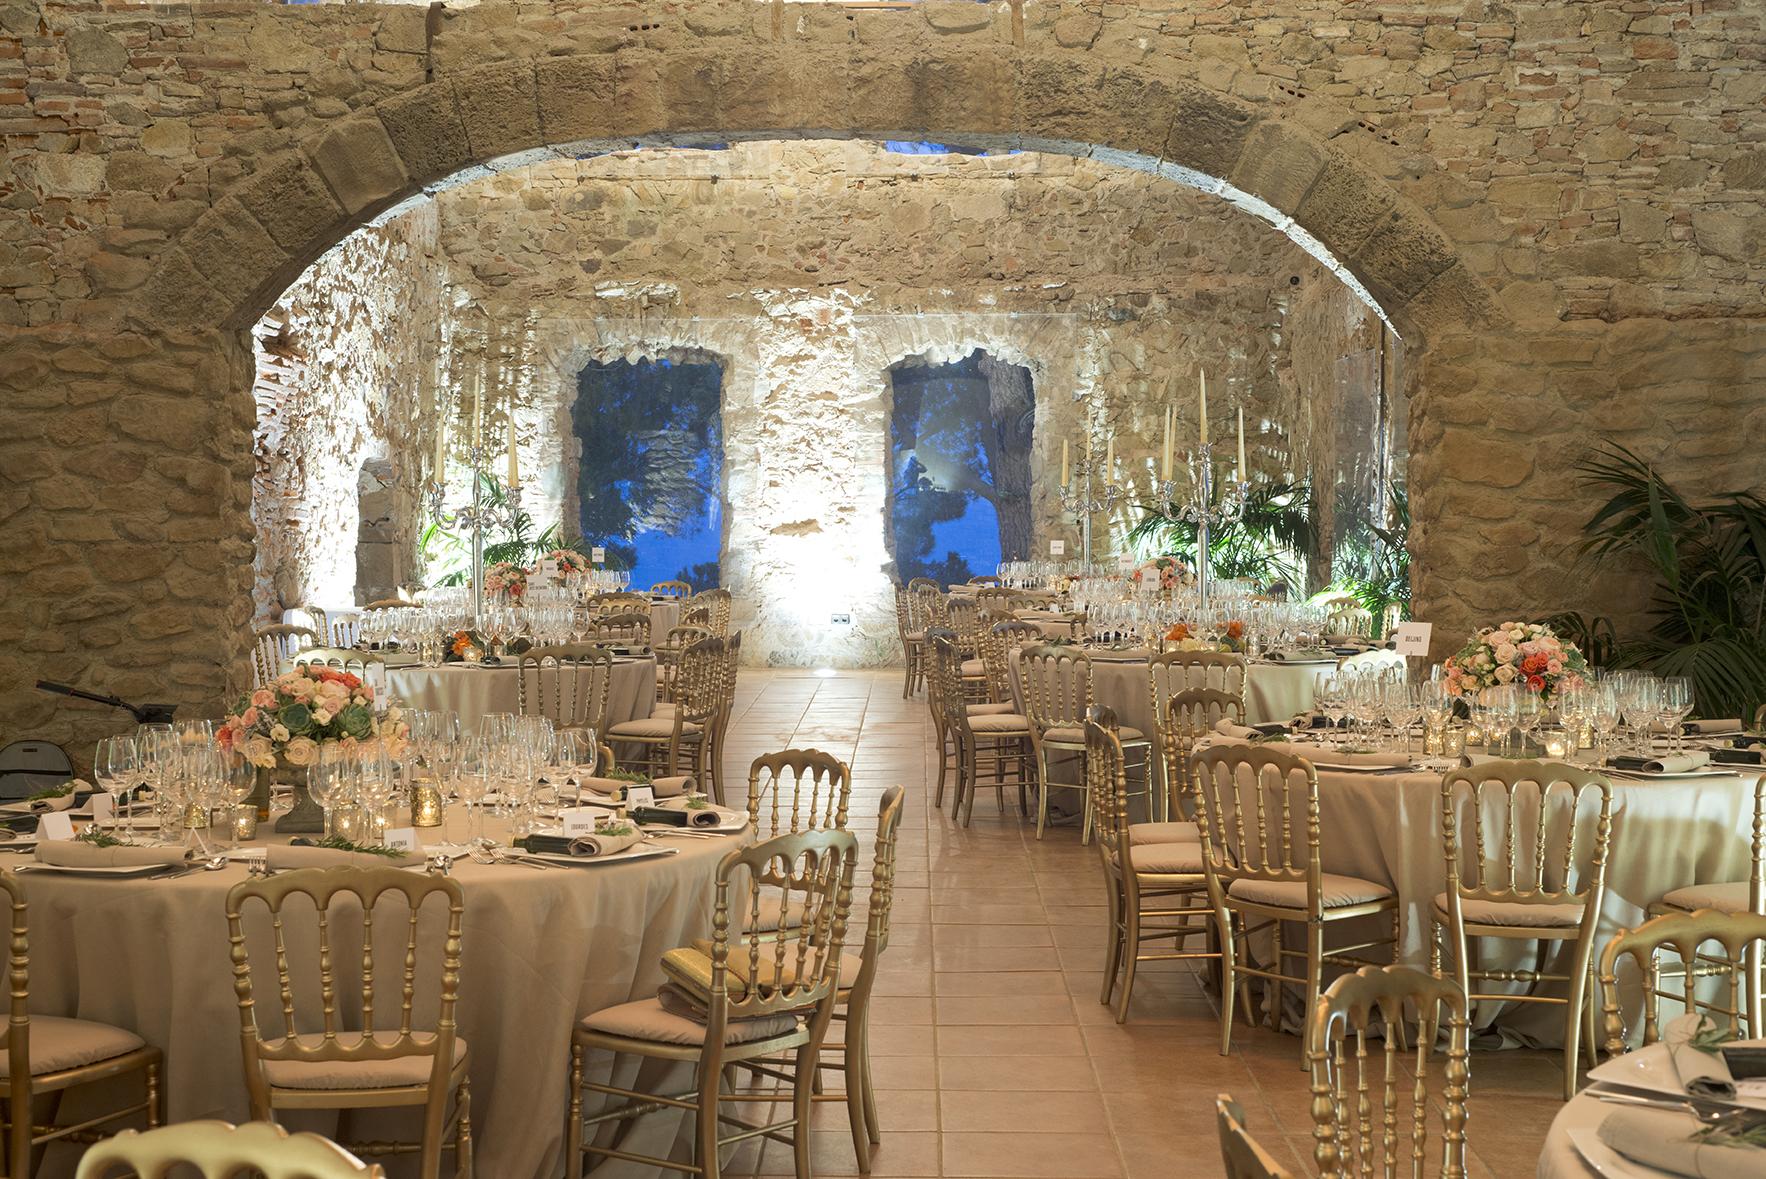 presumedeboda-wedding-planners-madrid-barcelona-boda-americana-castillo-blanes-31